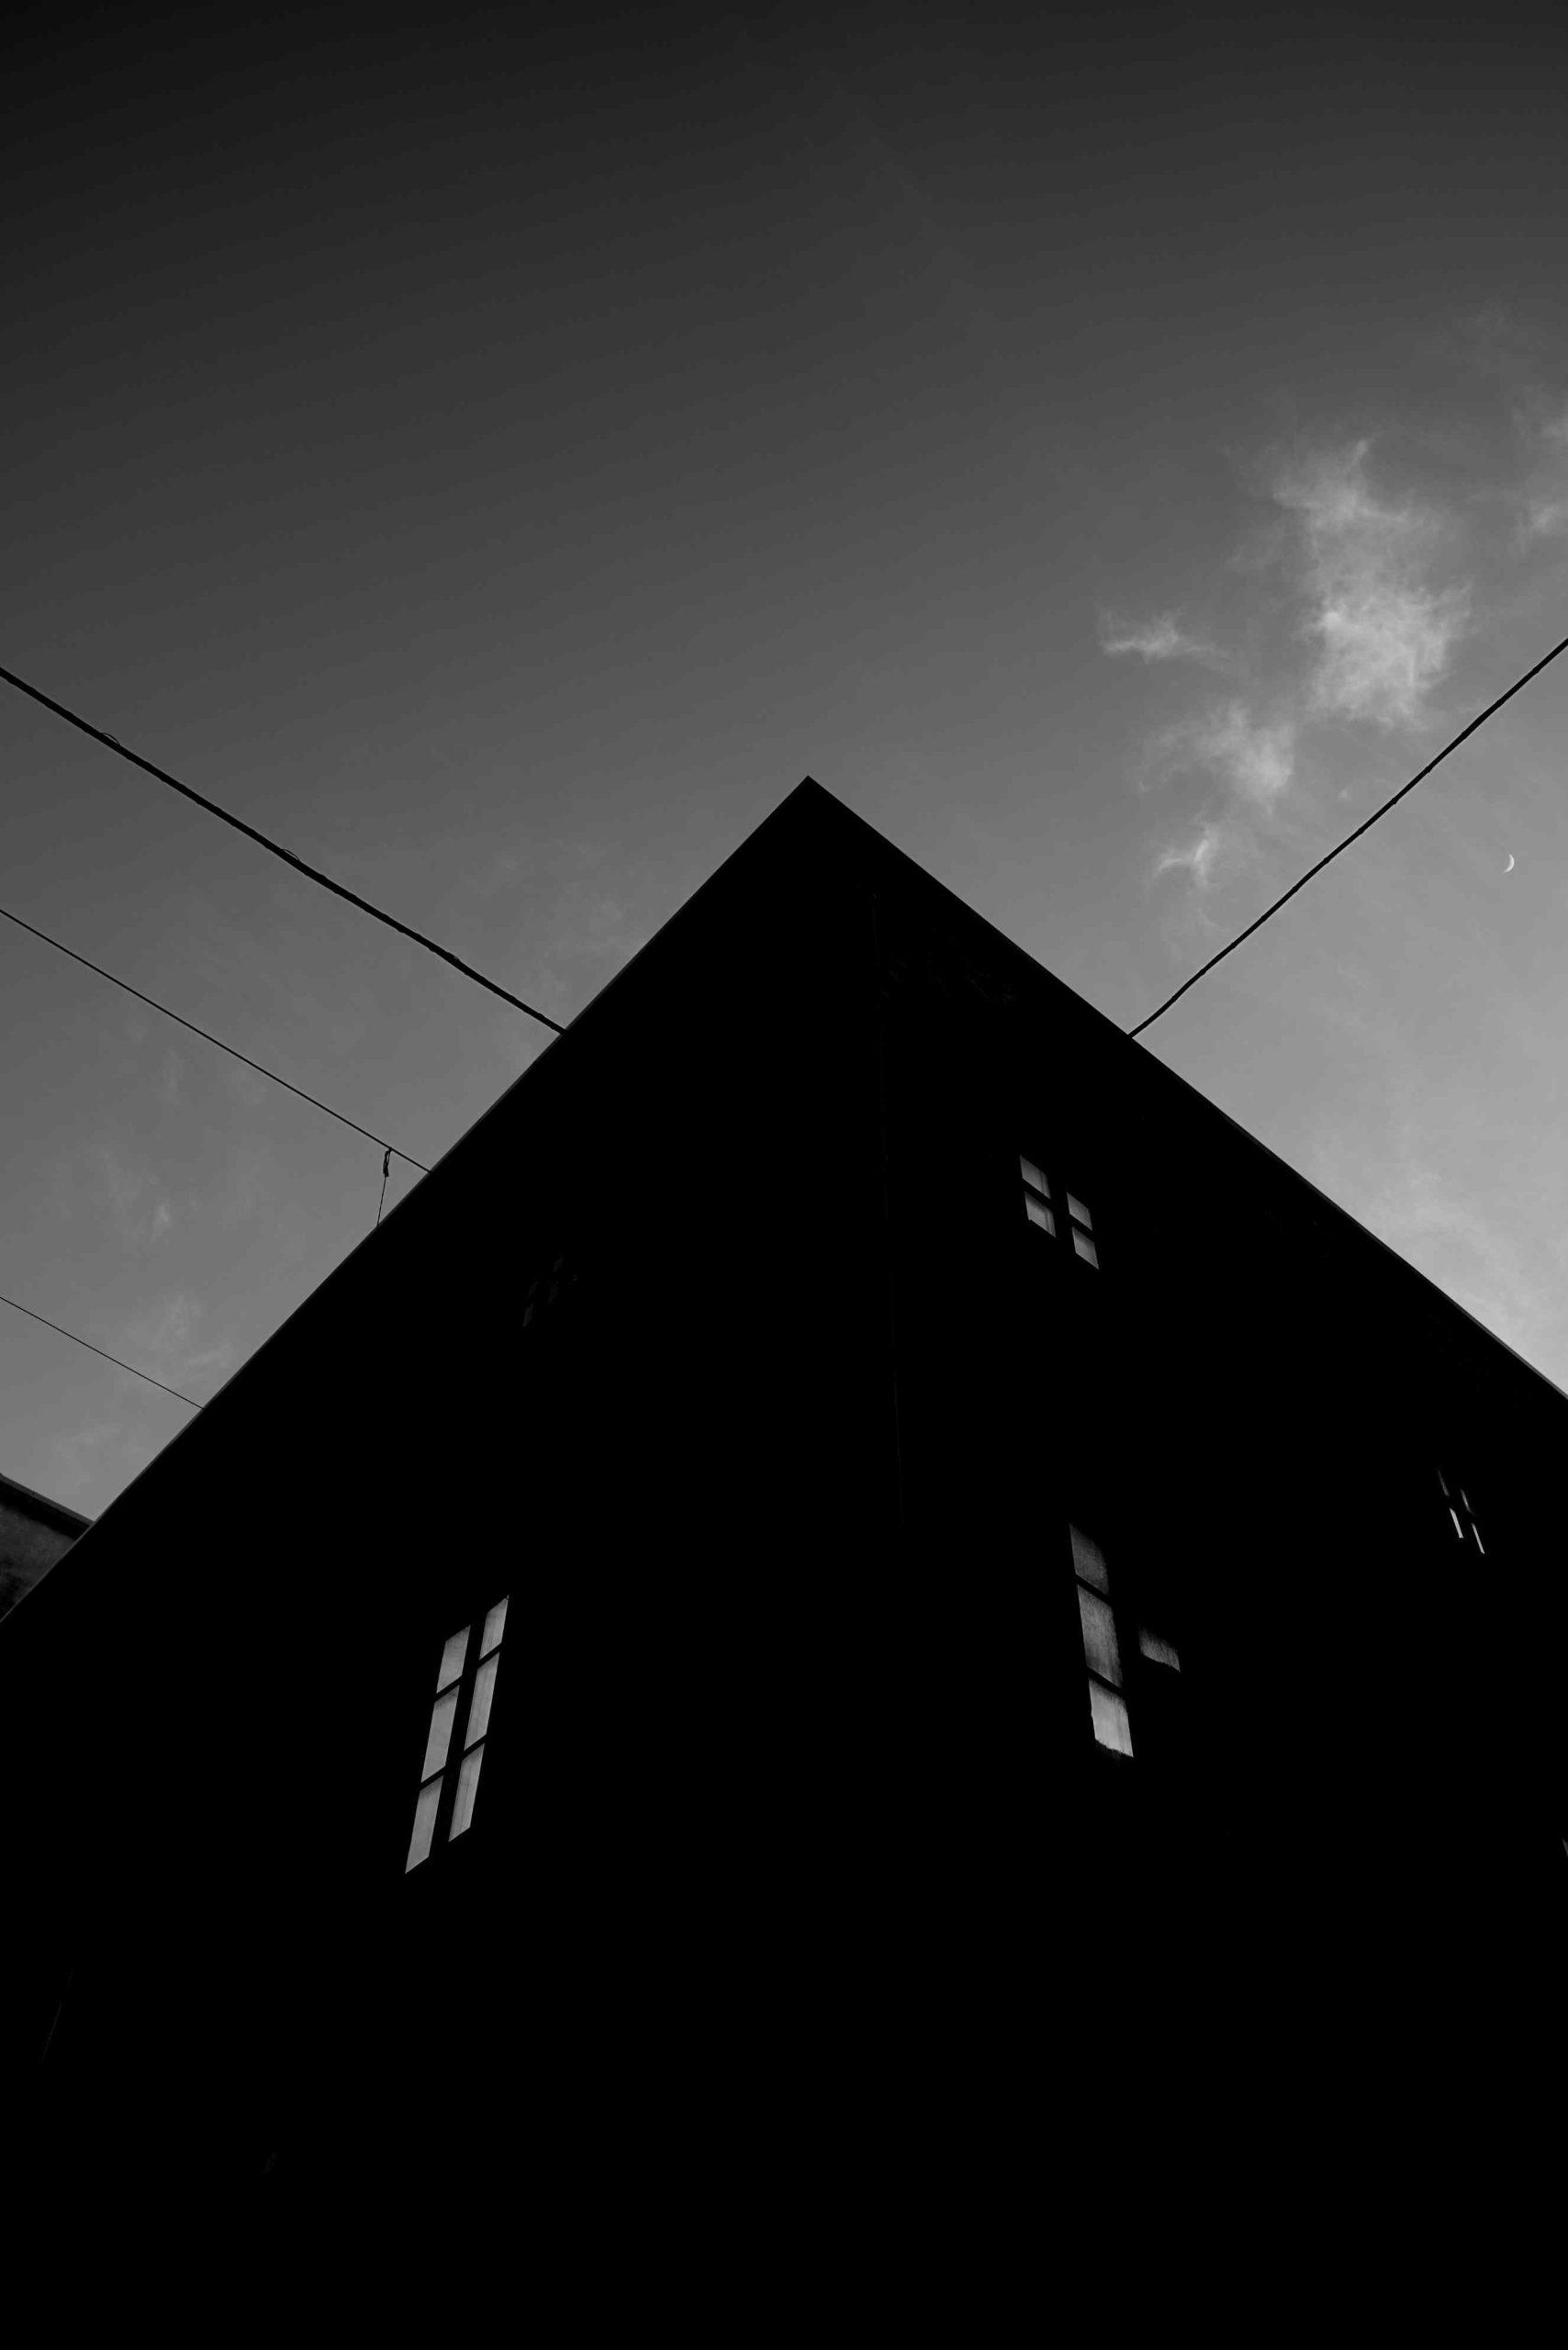 giovanni_ruggeri_fotografo_catania_foto_bianco_e_nero_3